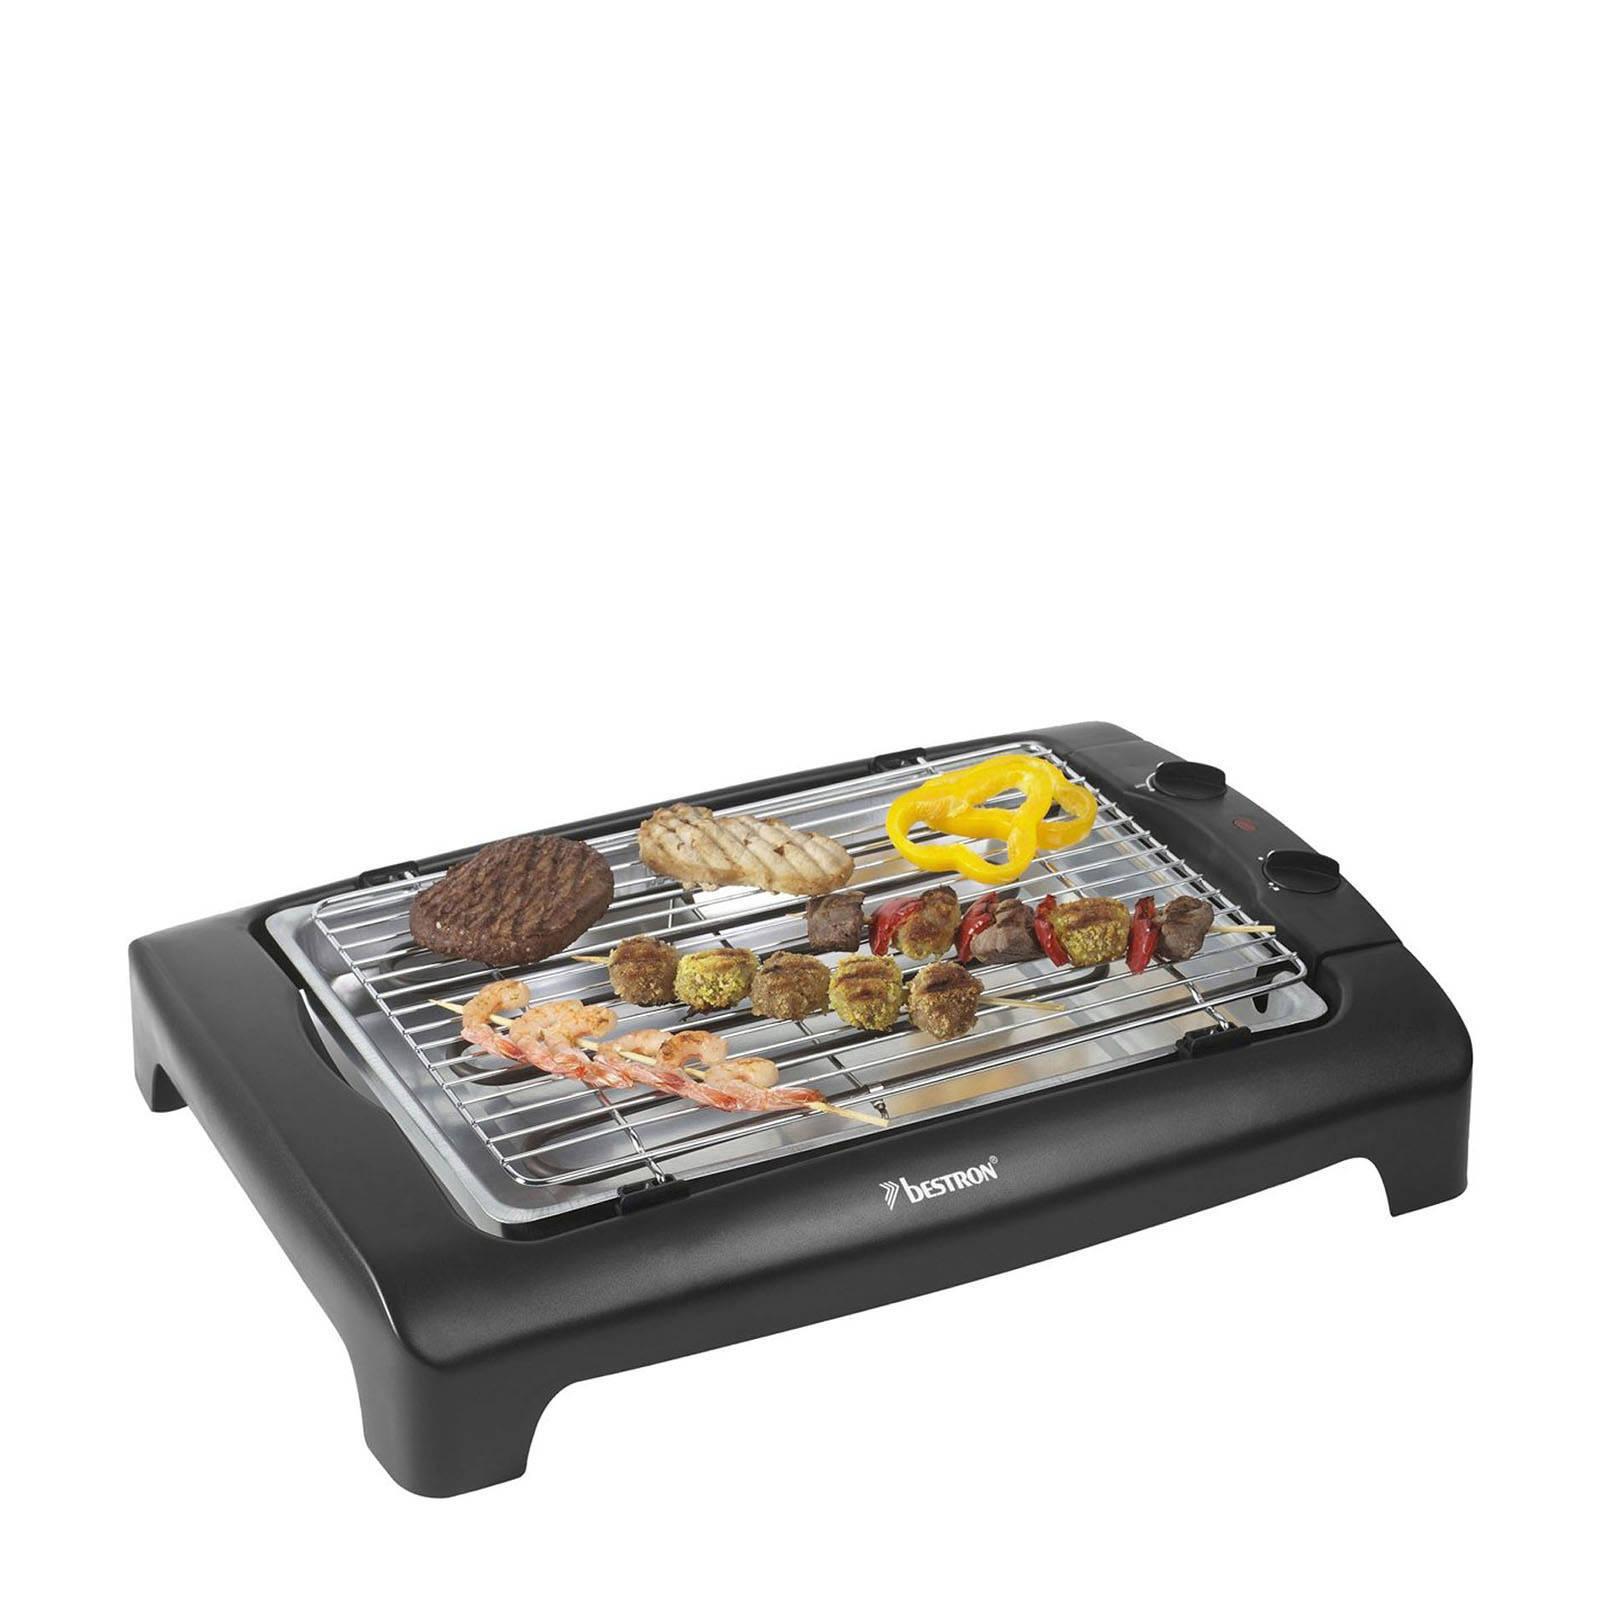 Bestron AJA802T barbecue kopen?